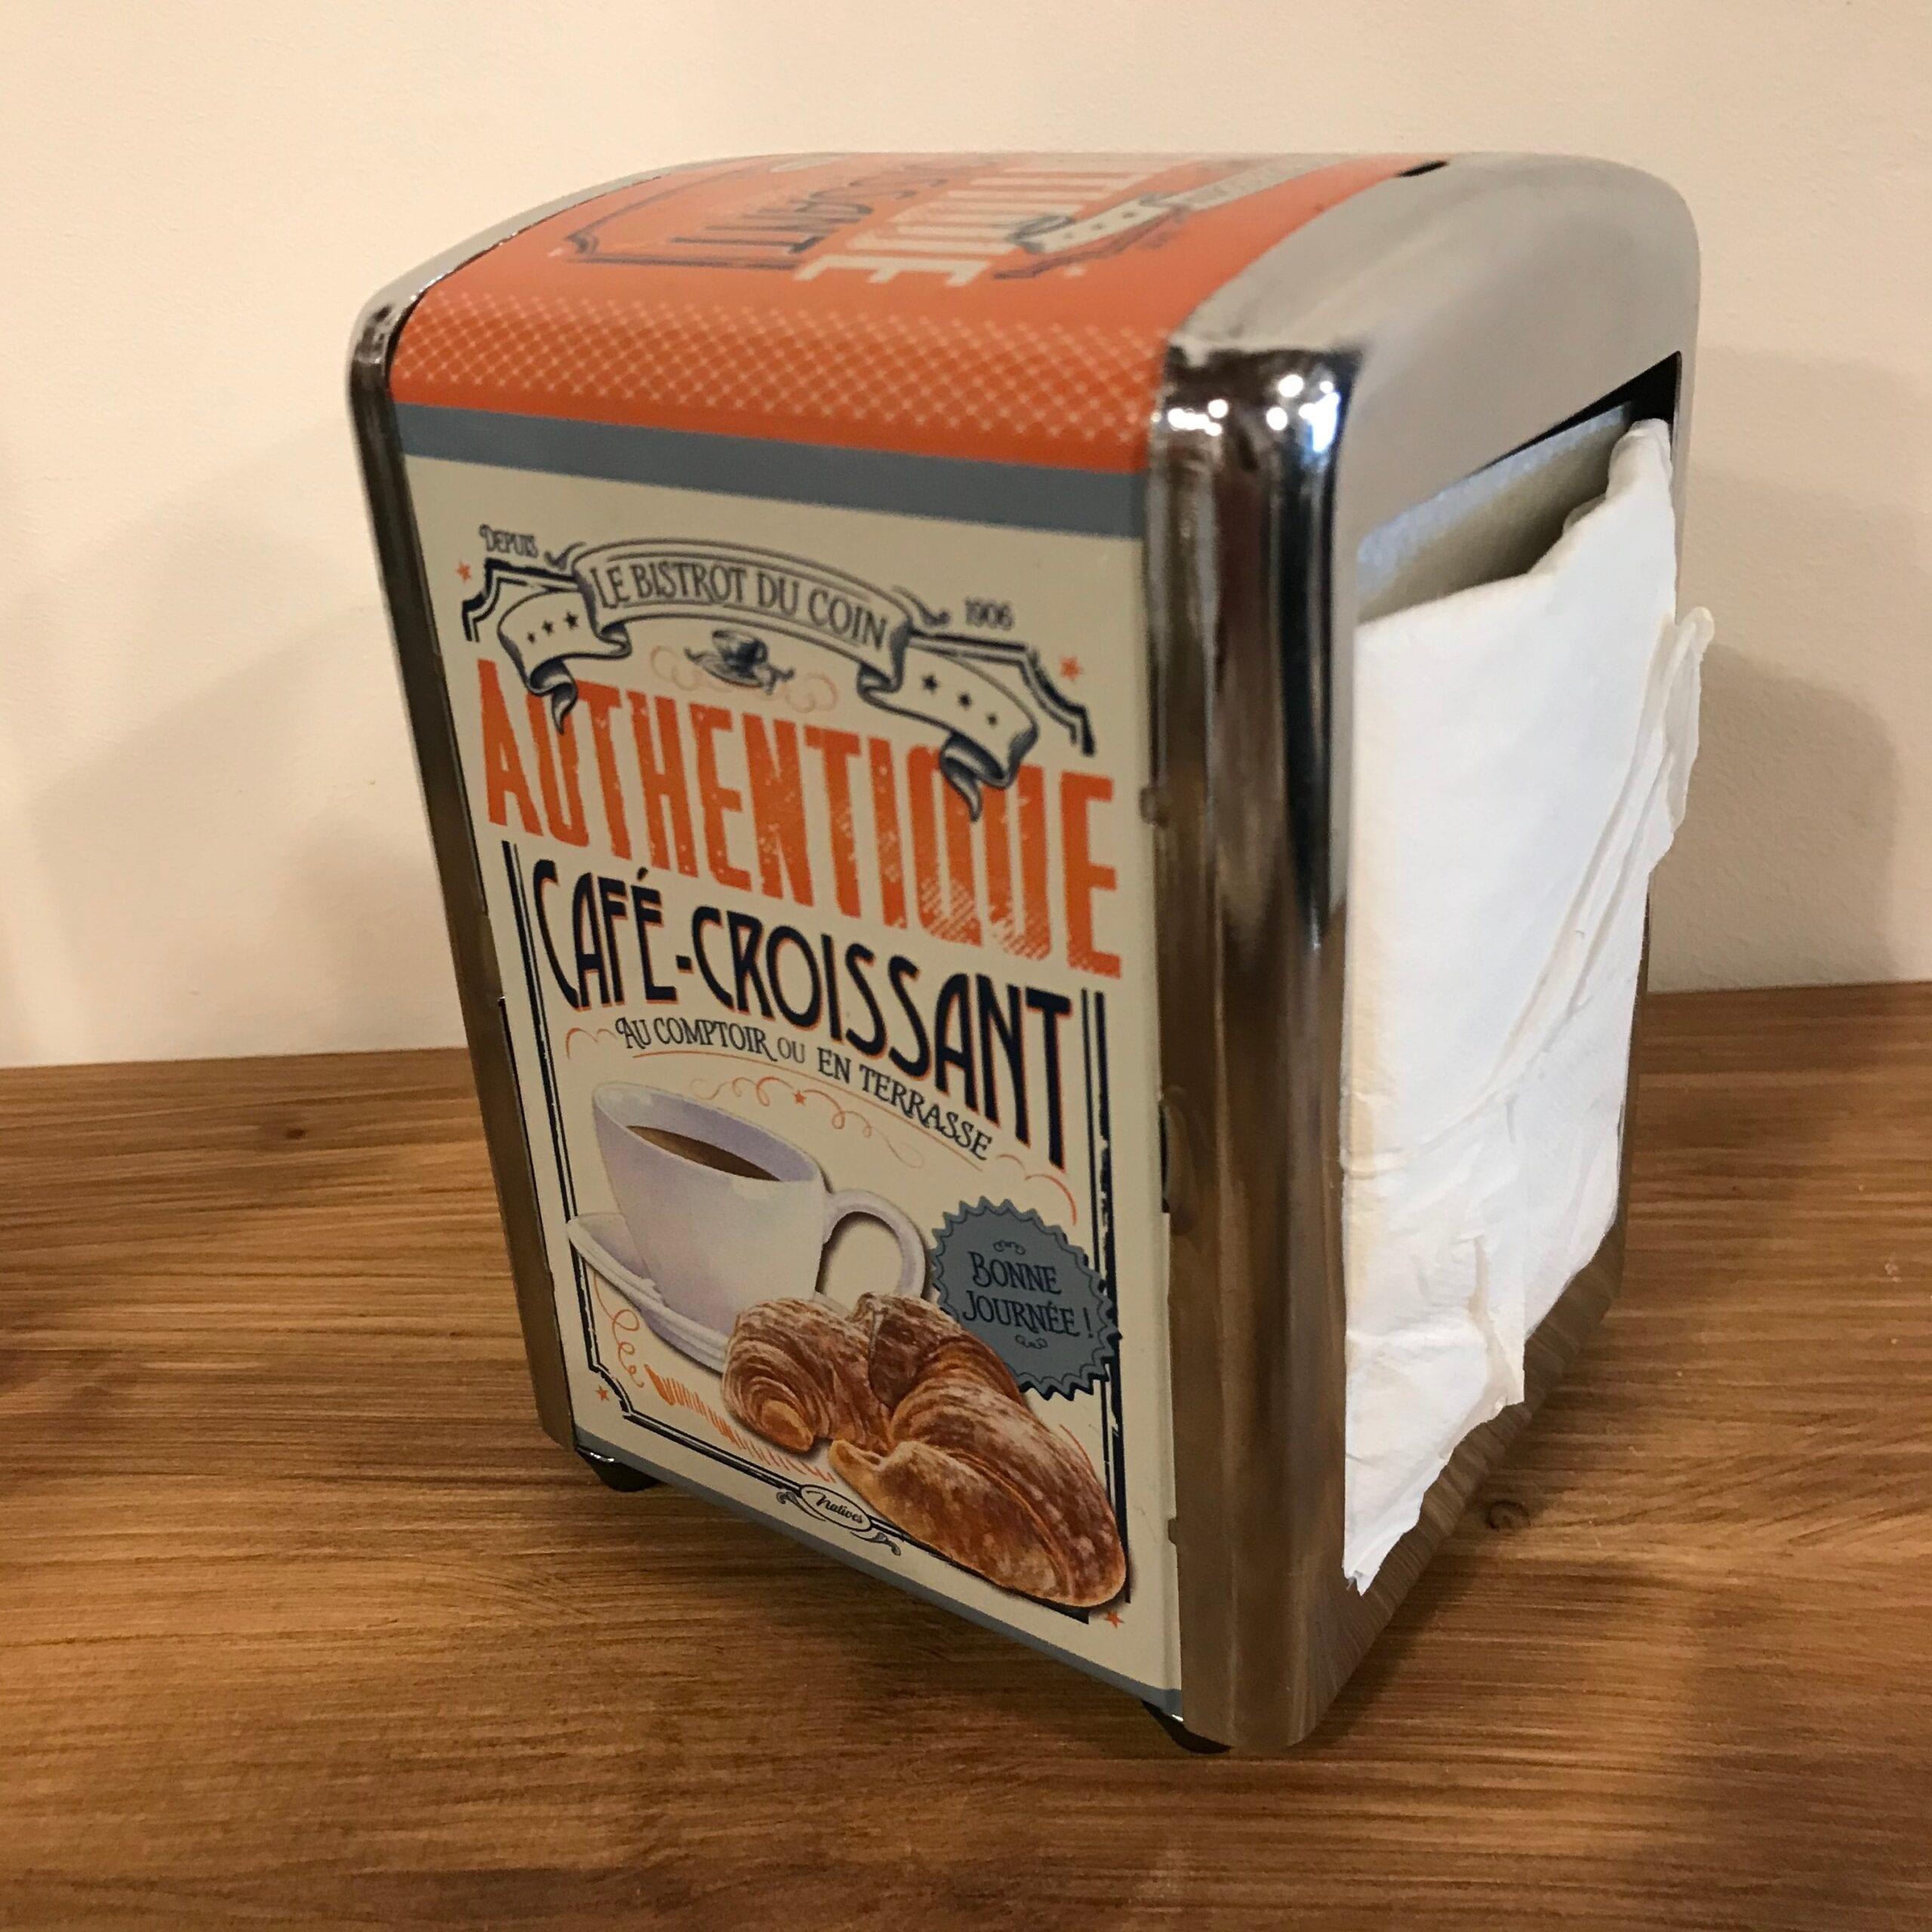 Porta tovagliolini – Authentique cafè croissant